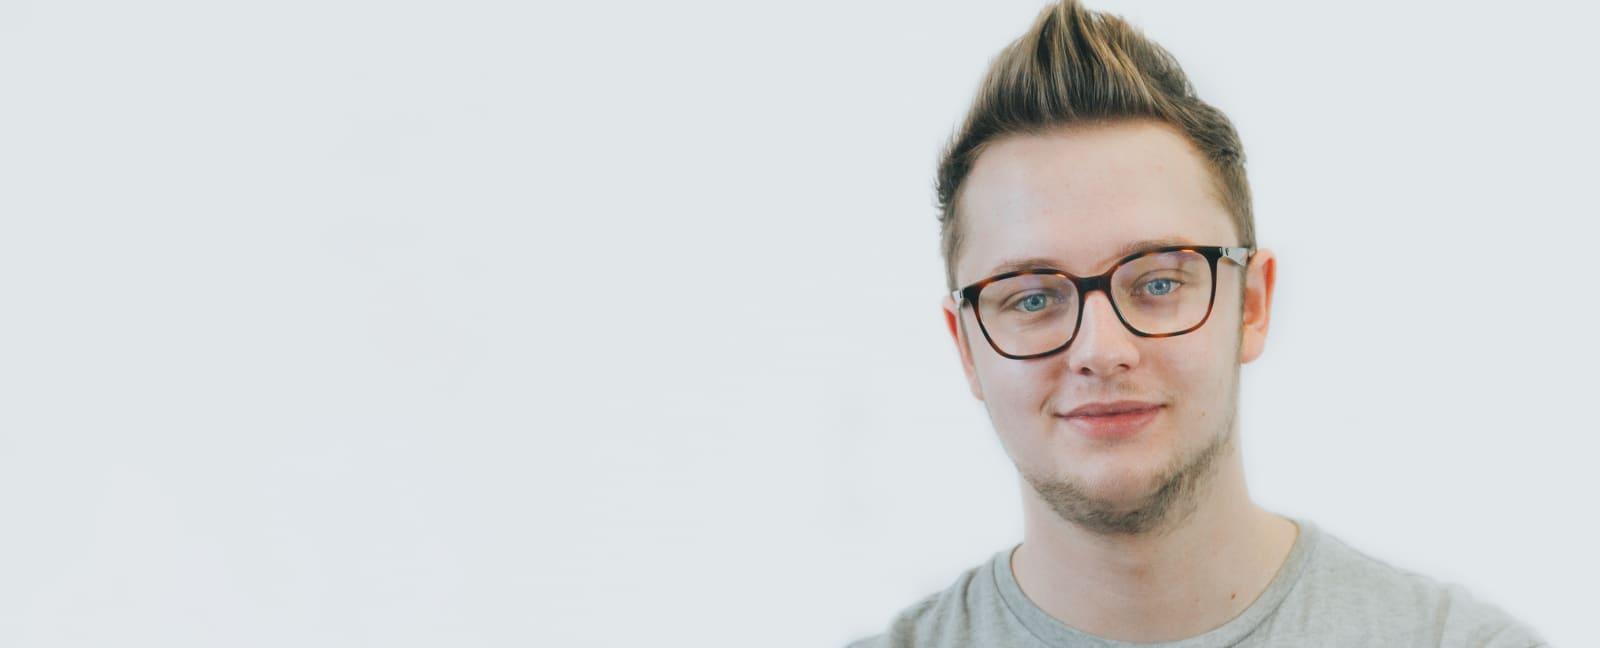 Ryan - Freelancer